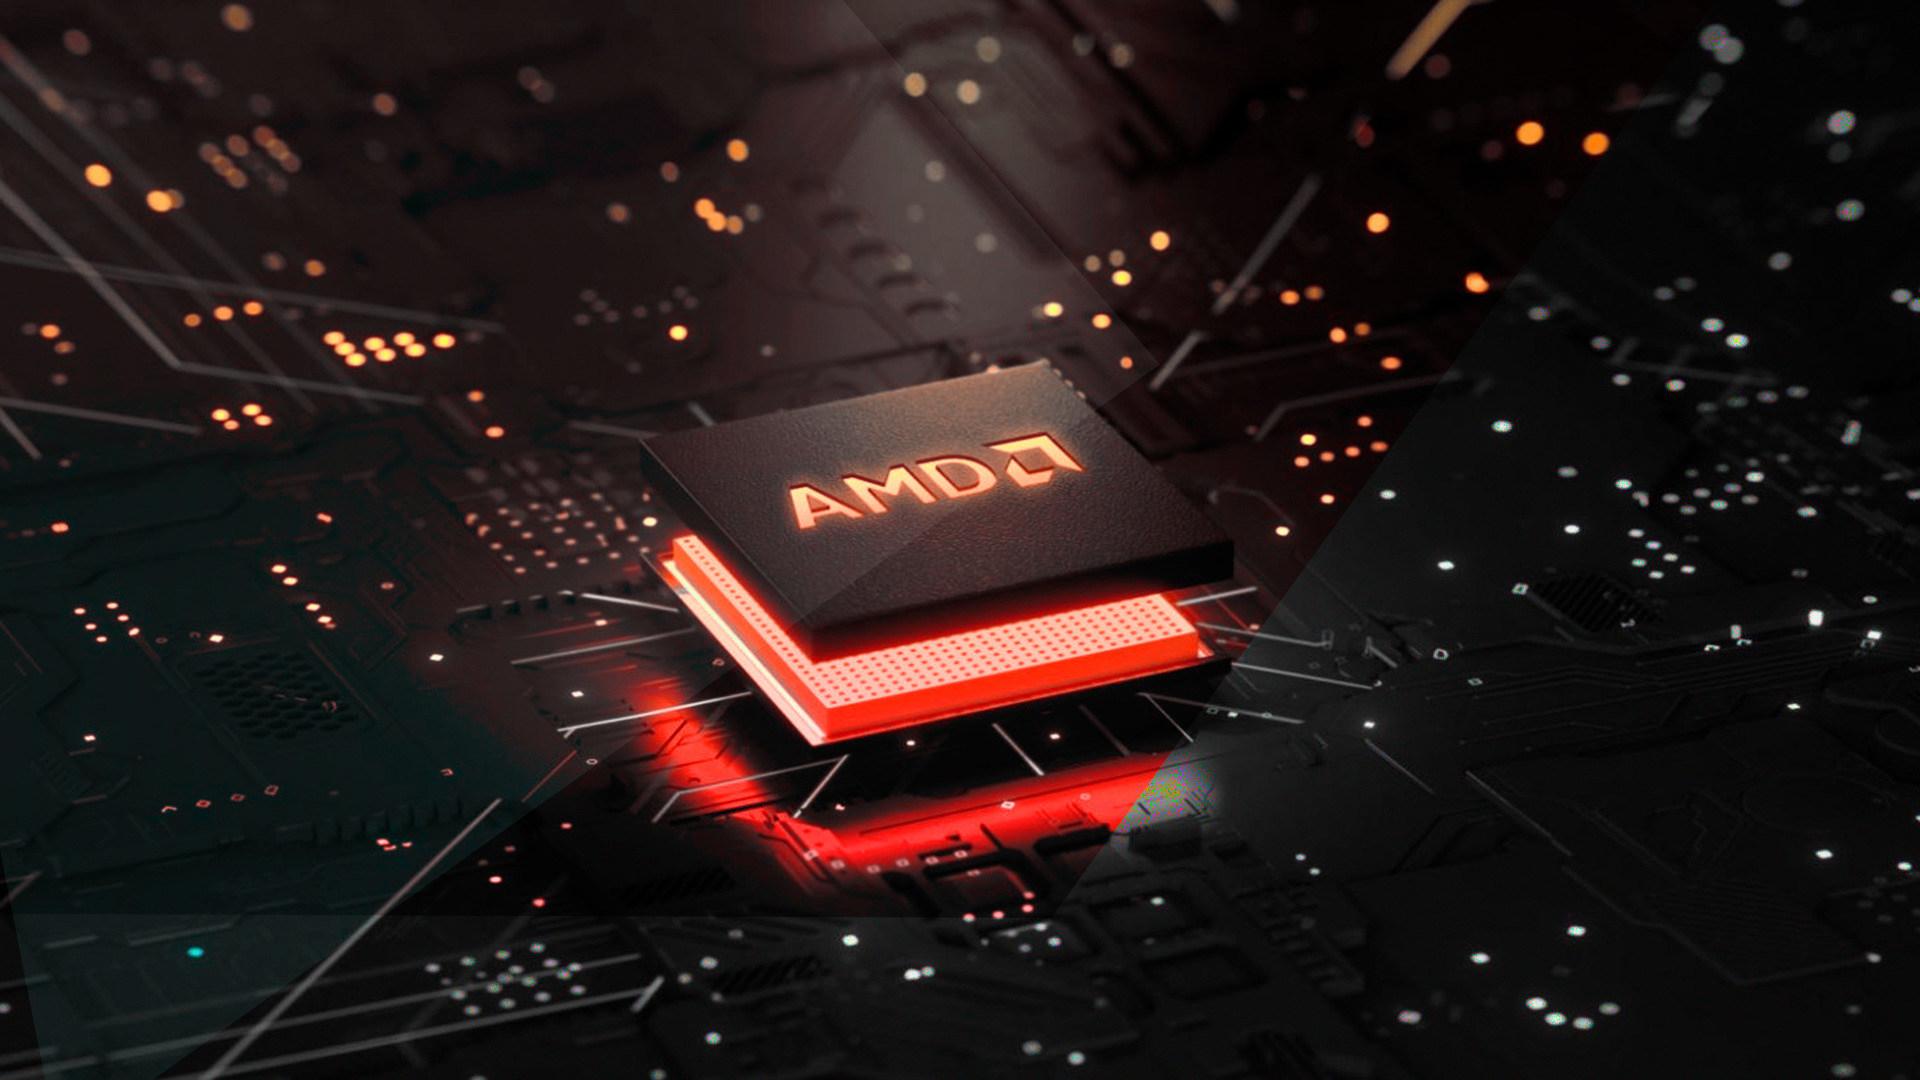 Prozessor, Cpu, Chip, Amd, SoC, Prozessoren, Chips, Ryzen, AMD Ryzen, Chiphersteller, System On Chip